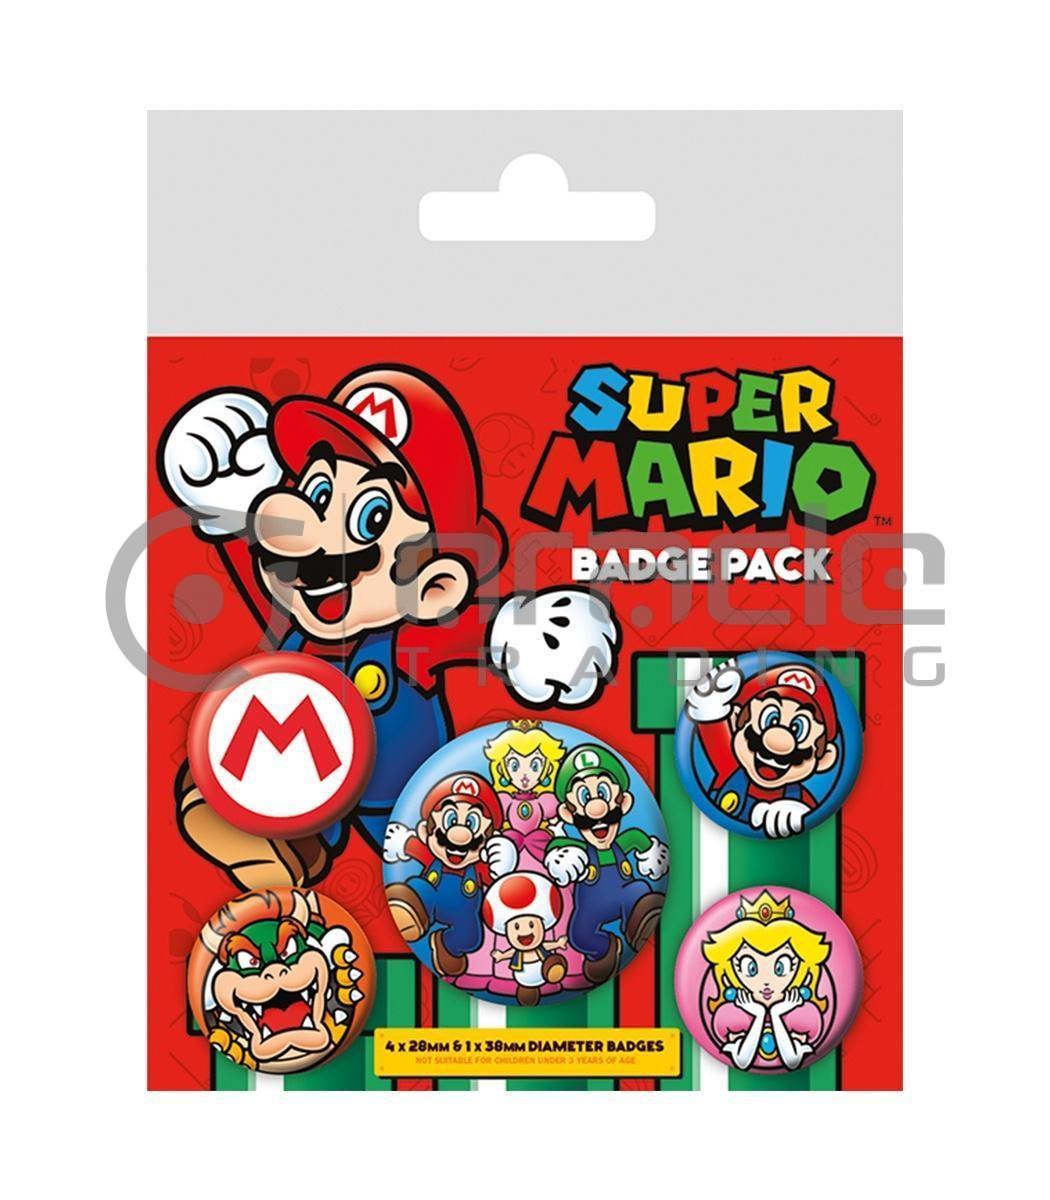 Super Mario Badge Pack